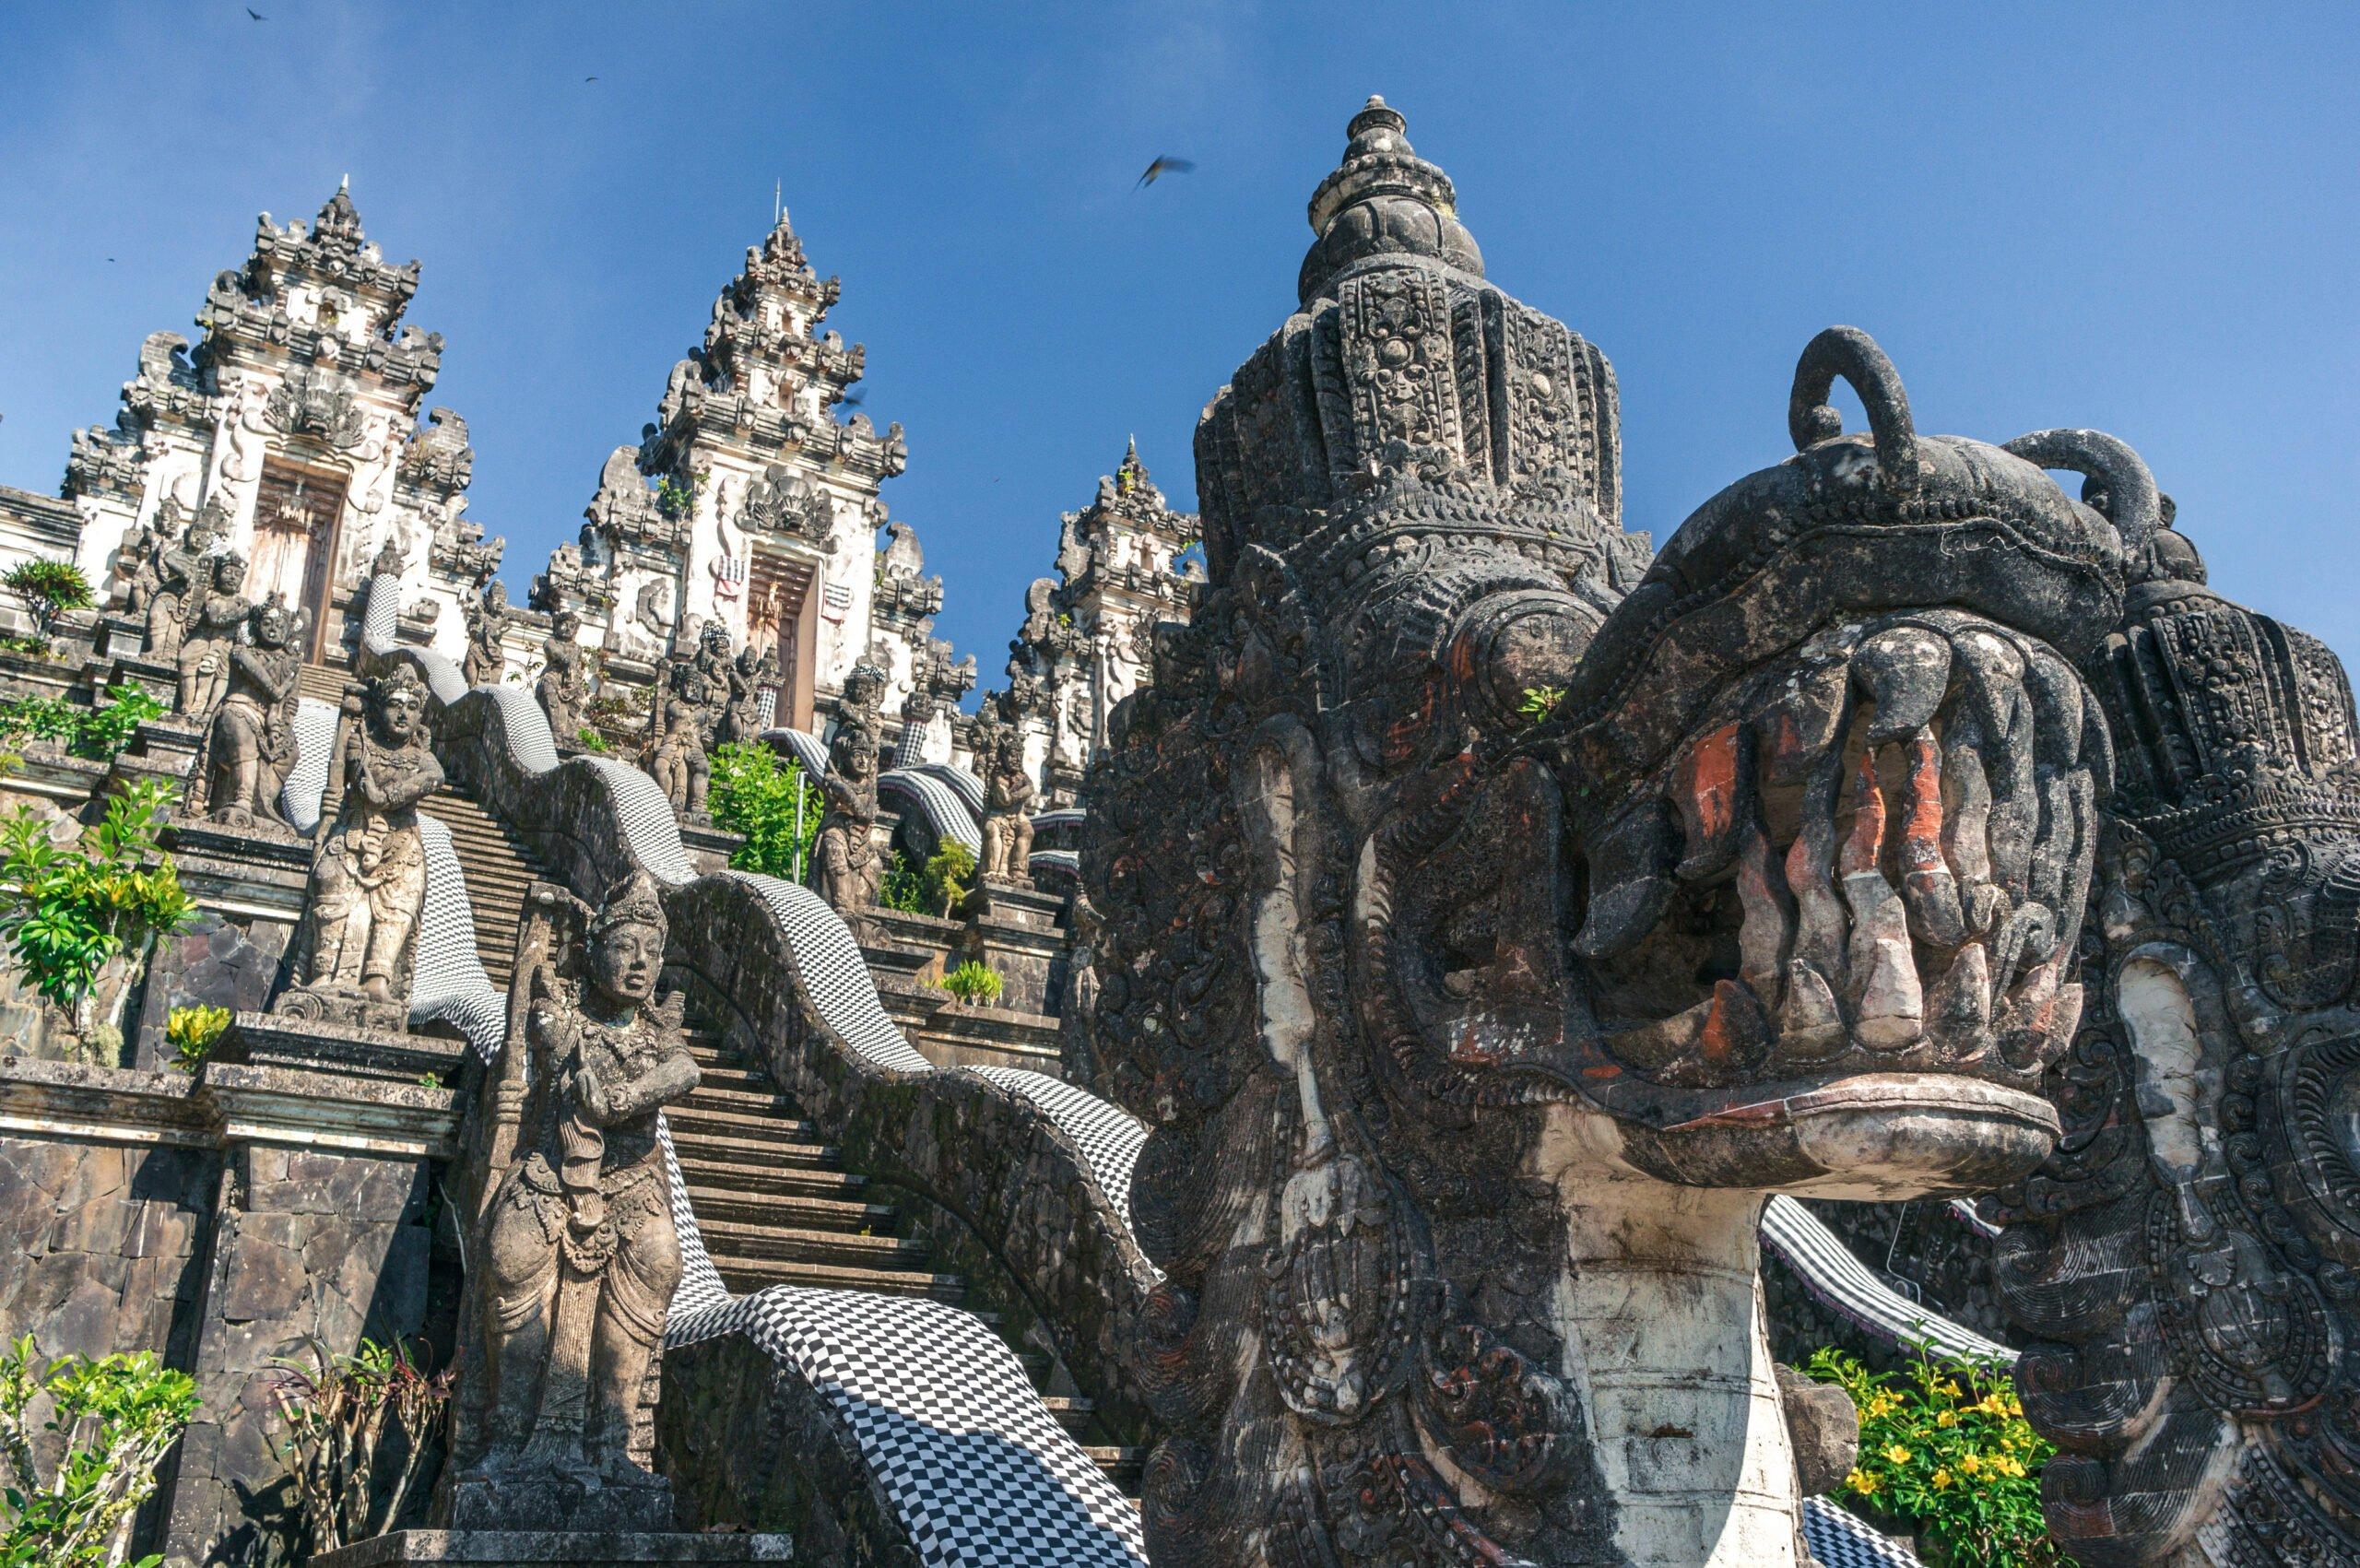 Explore Lempuyang Temple On The Eastern Bali Experience From Ubud, Nusa Dua, Tanjung Benoa, Seminyak And Candi Dasa